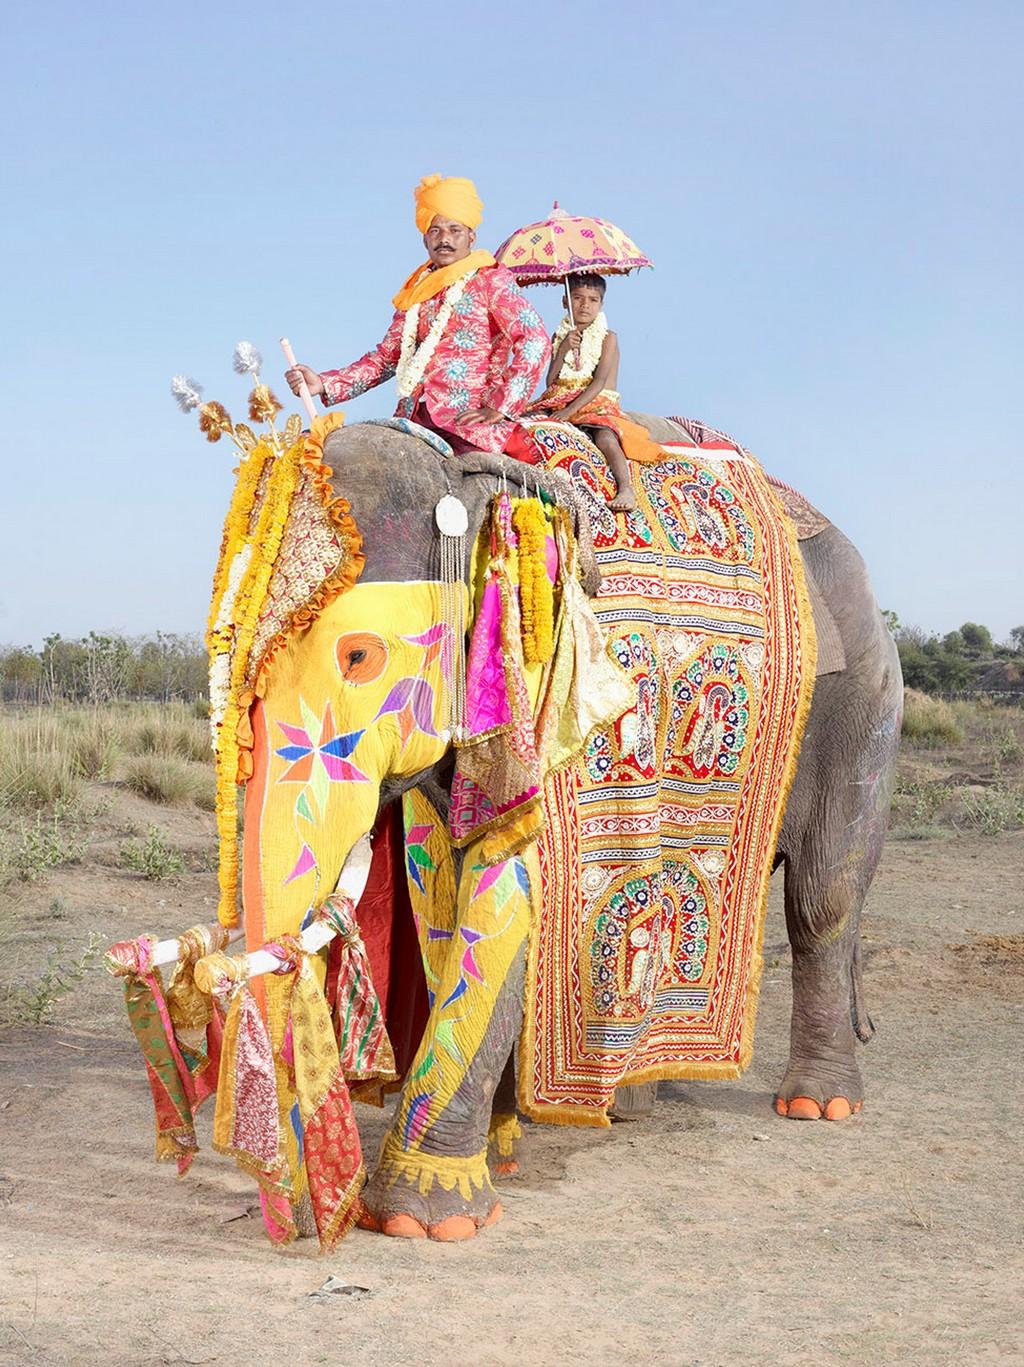 raspisnye slony 1